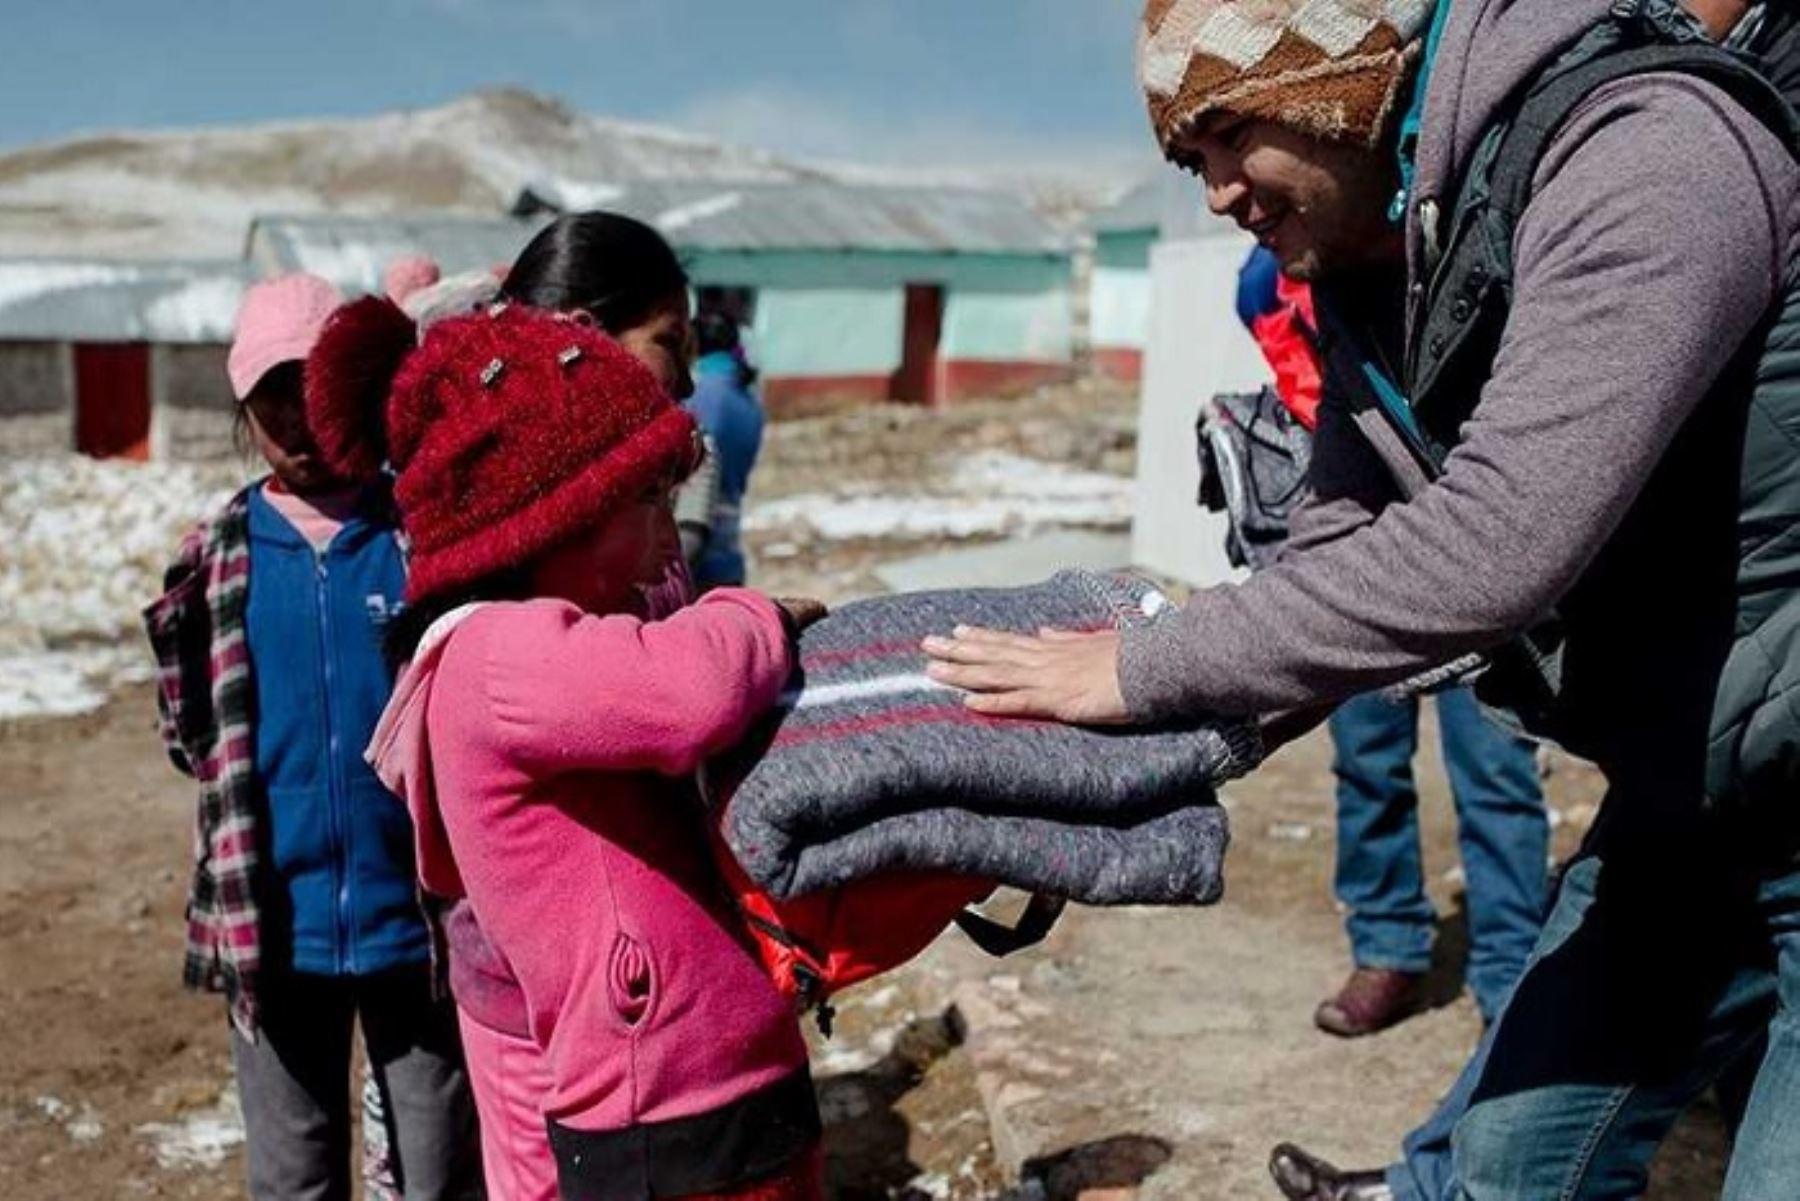 El Ejecutivo aprobó el Plan de Contingencia Nacional ante Bajas Temperaturas, con la finalidad de promover la coordinación multisectorial y la articulación entre los niveles nacional, regional y local ante la ocurrencia o inminencia de peligros asociados a la temporada de heladas y friaje. ANDINA/Difusión